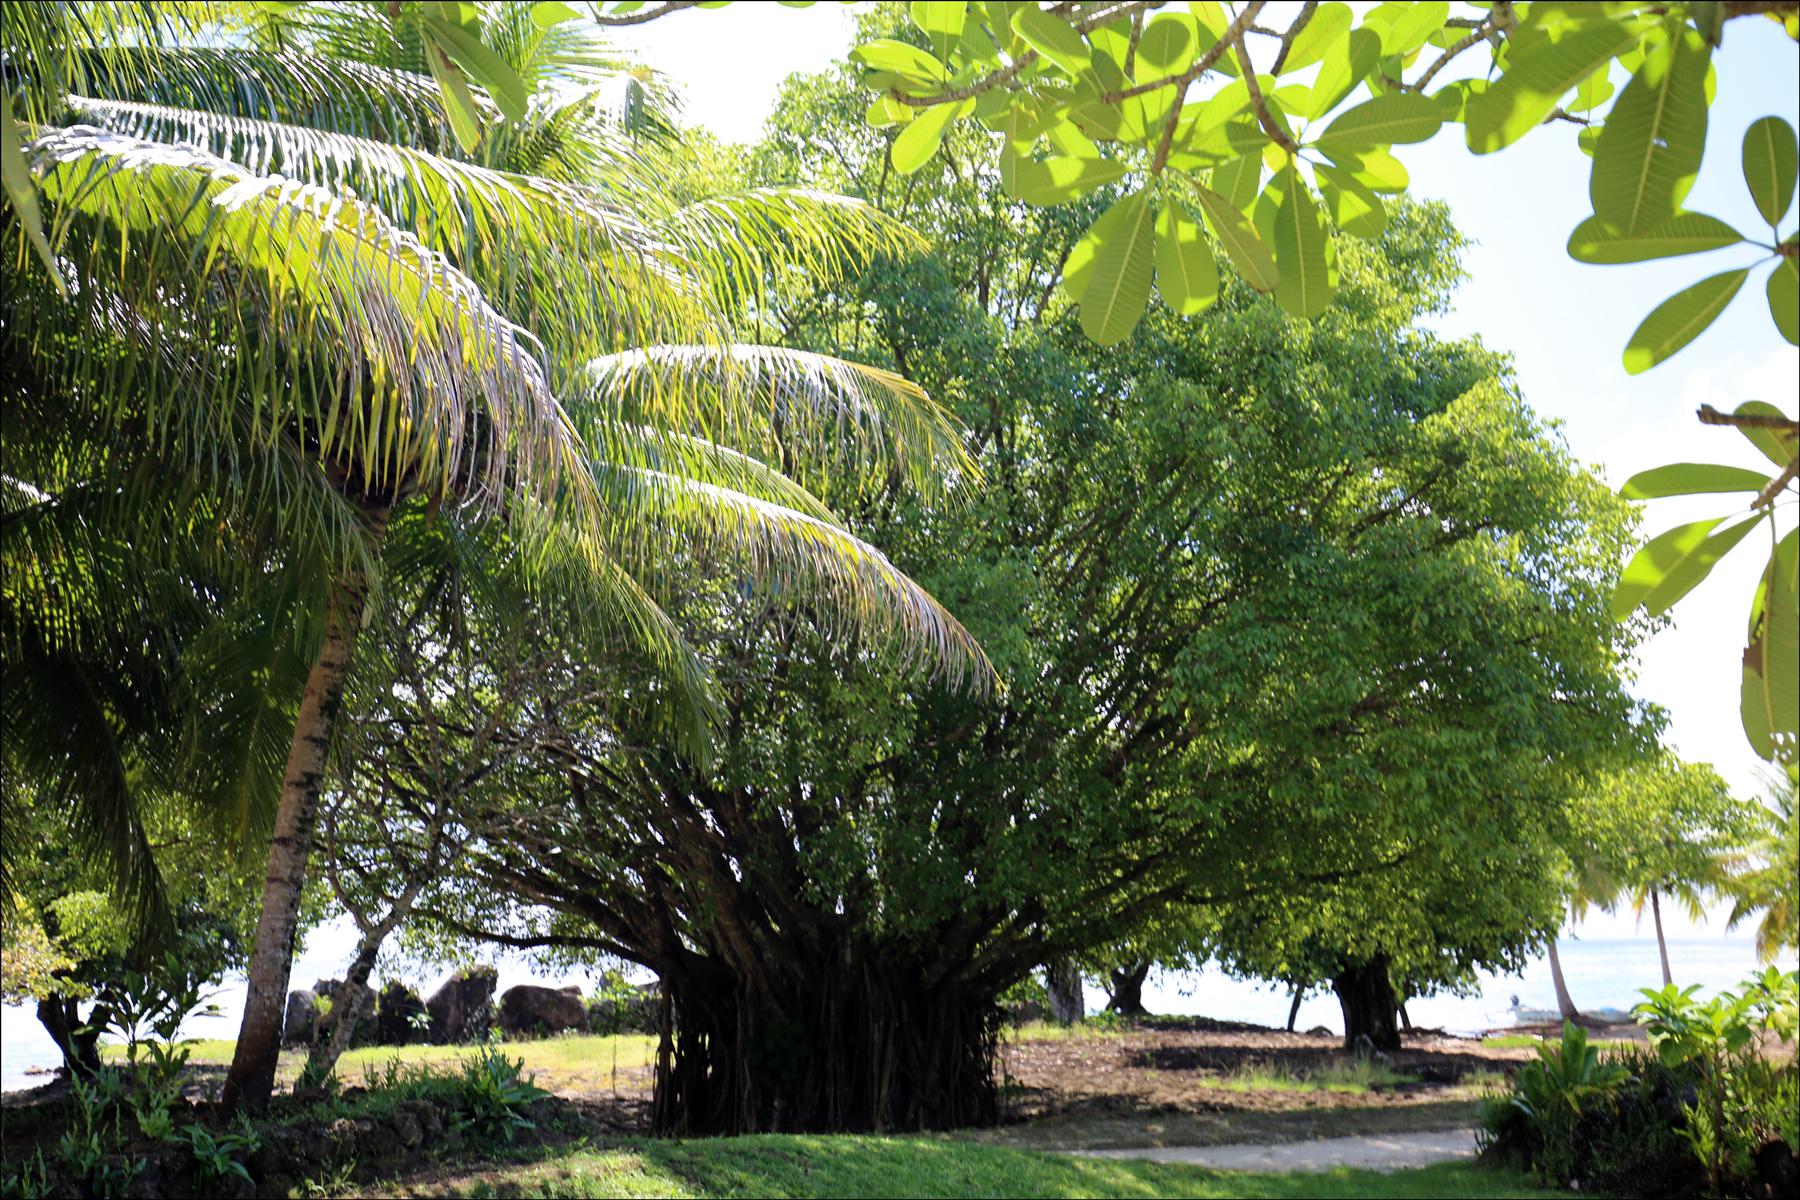 Banyan Tree (Ficus benghalensis)